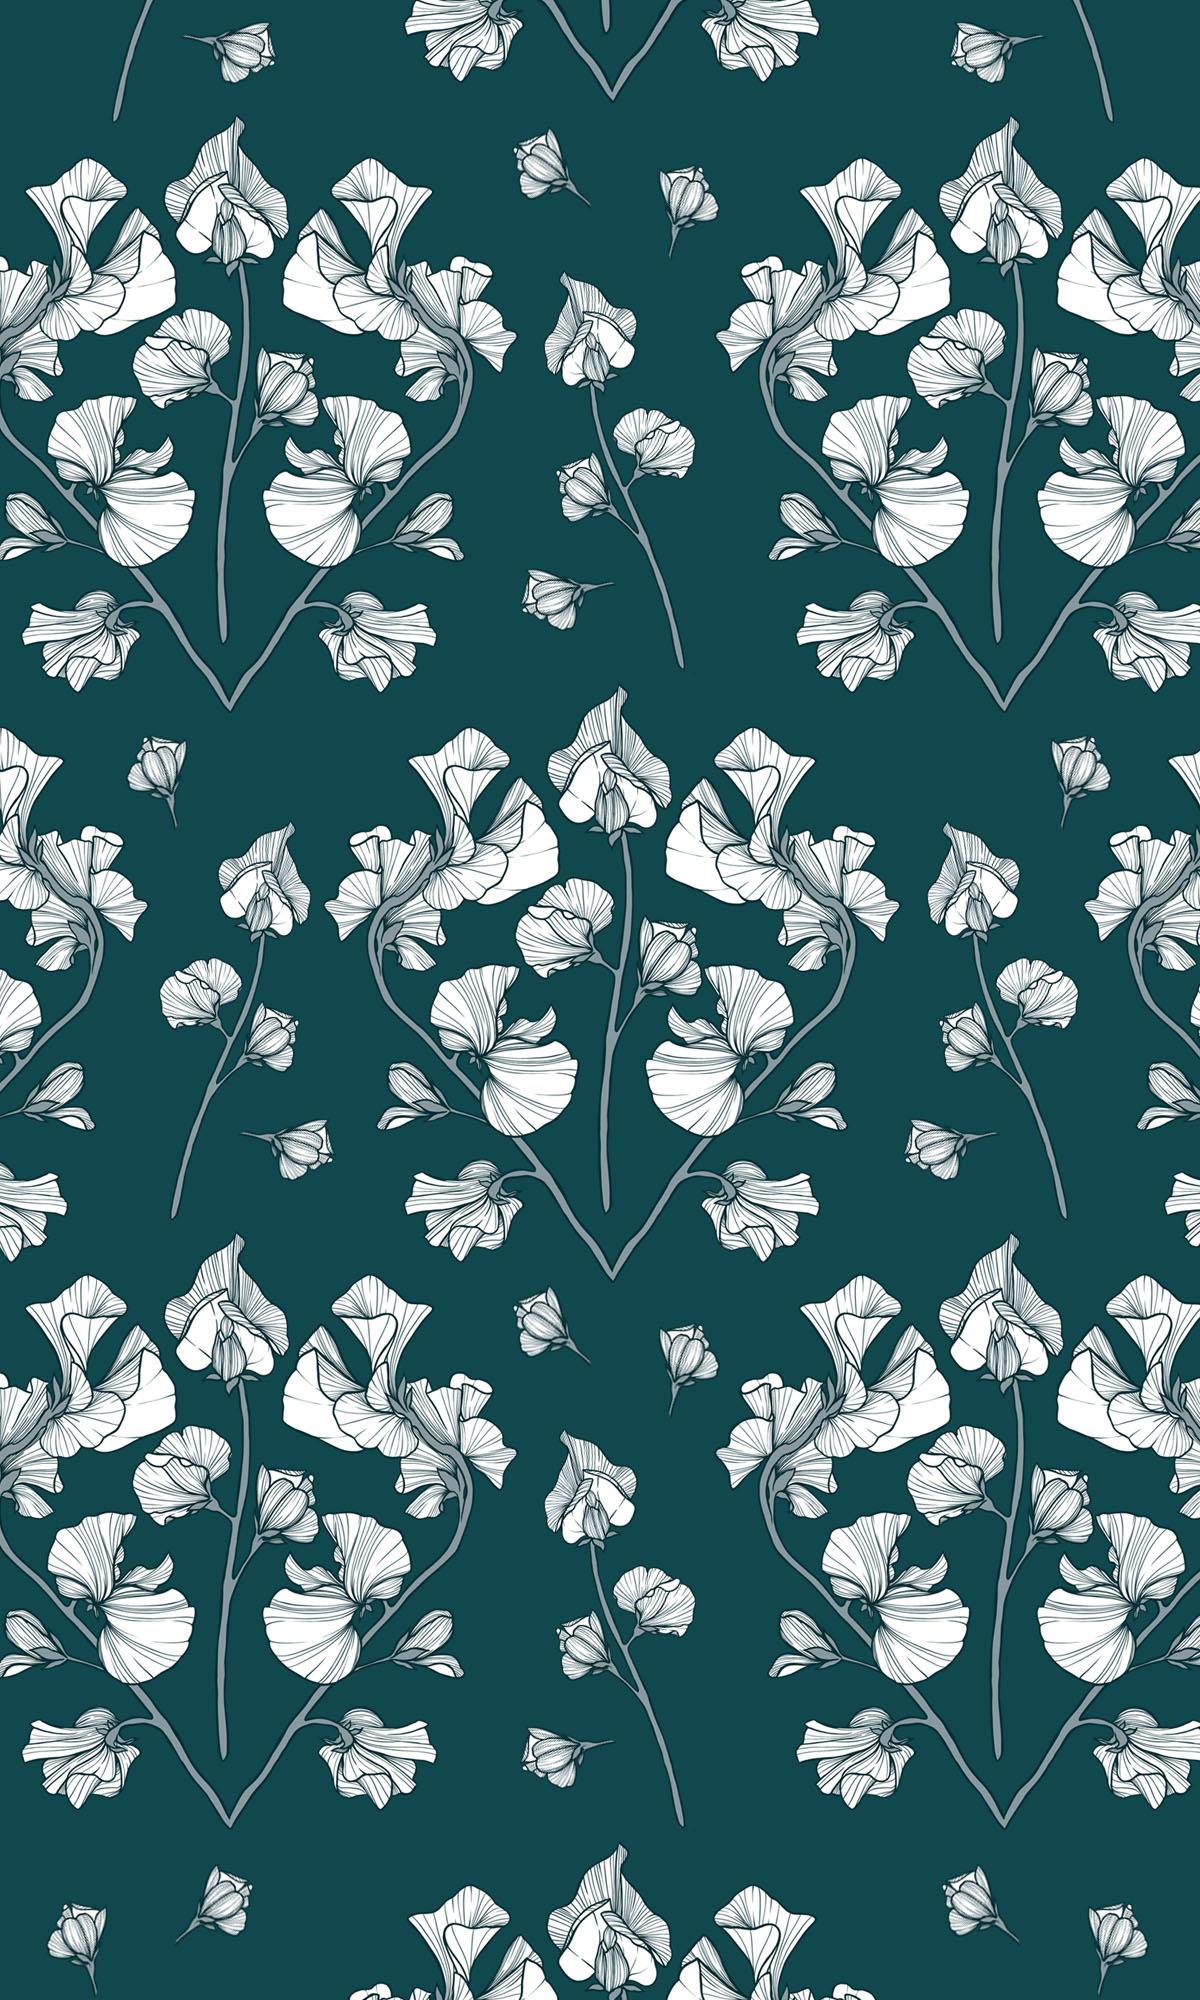 sweet-pea-floral-repeat-pattern-2.jpg